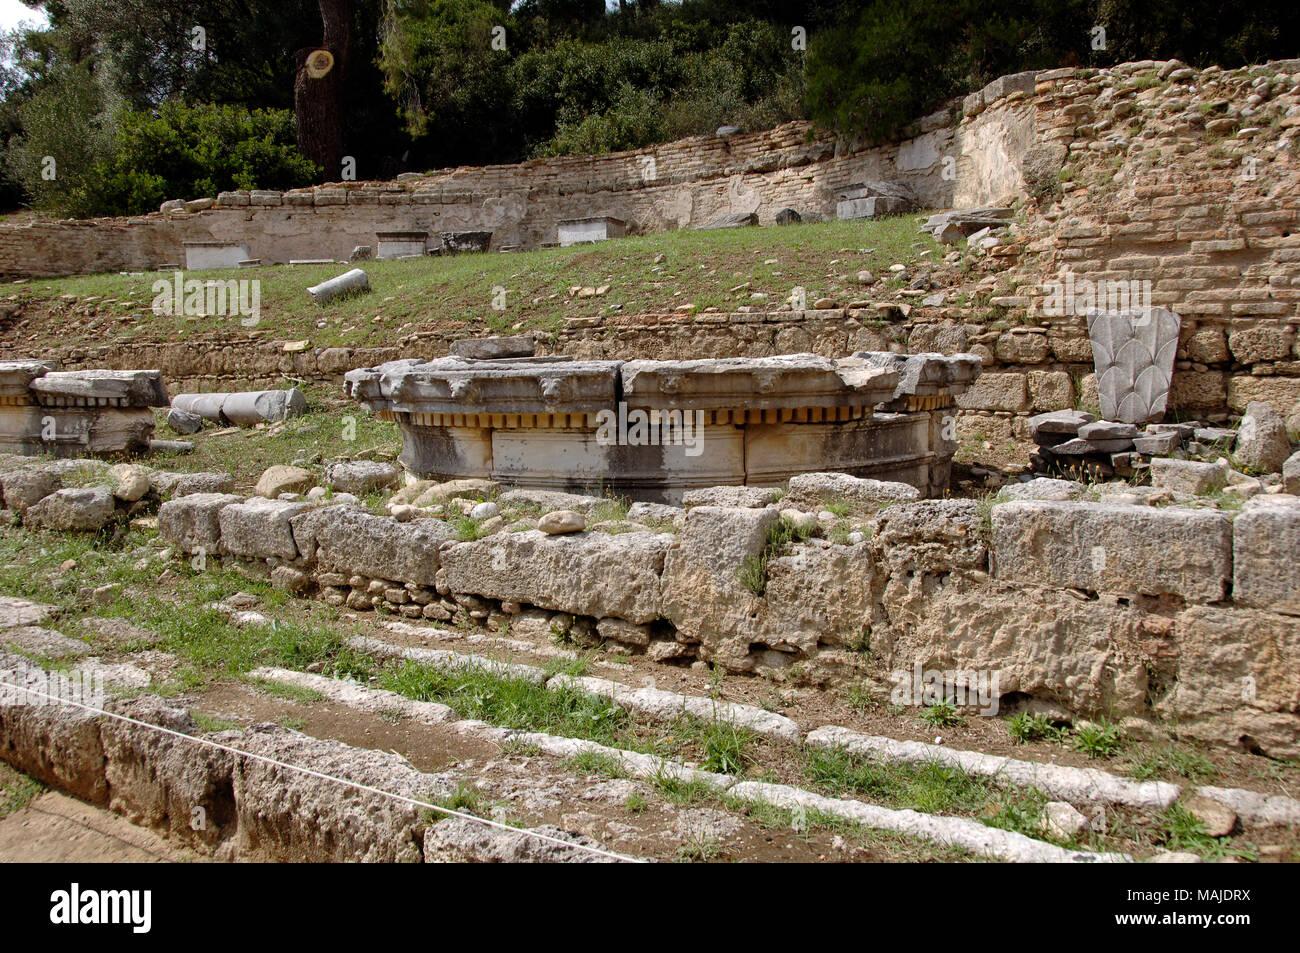 La Grèce. Olympia. Nymphée d'Herodes Atticus.ca.160 AD. Période romaine. Vue sur les ruines. Région d'Elis, Péloponnèse. Photo Stock